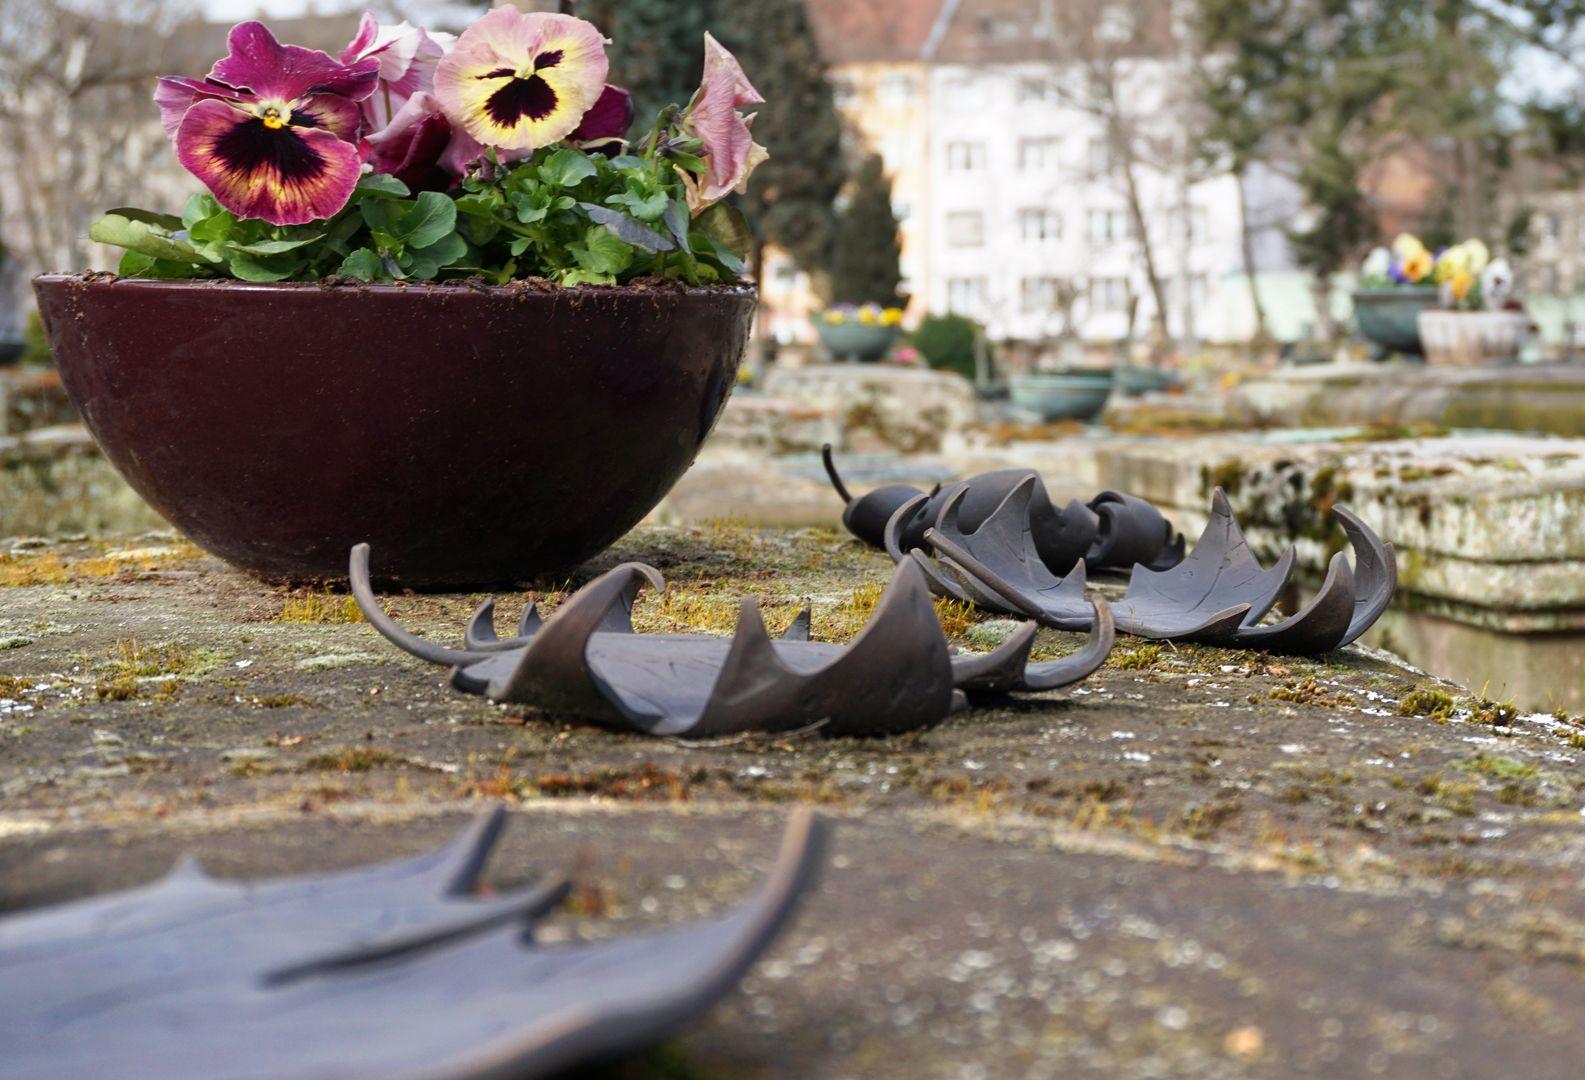 Rochusfriedhof Grabstätte 139 Blätter die in der Folge immer mehr verdorrt sind